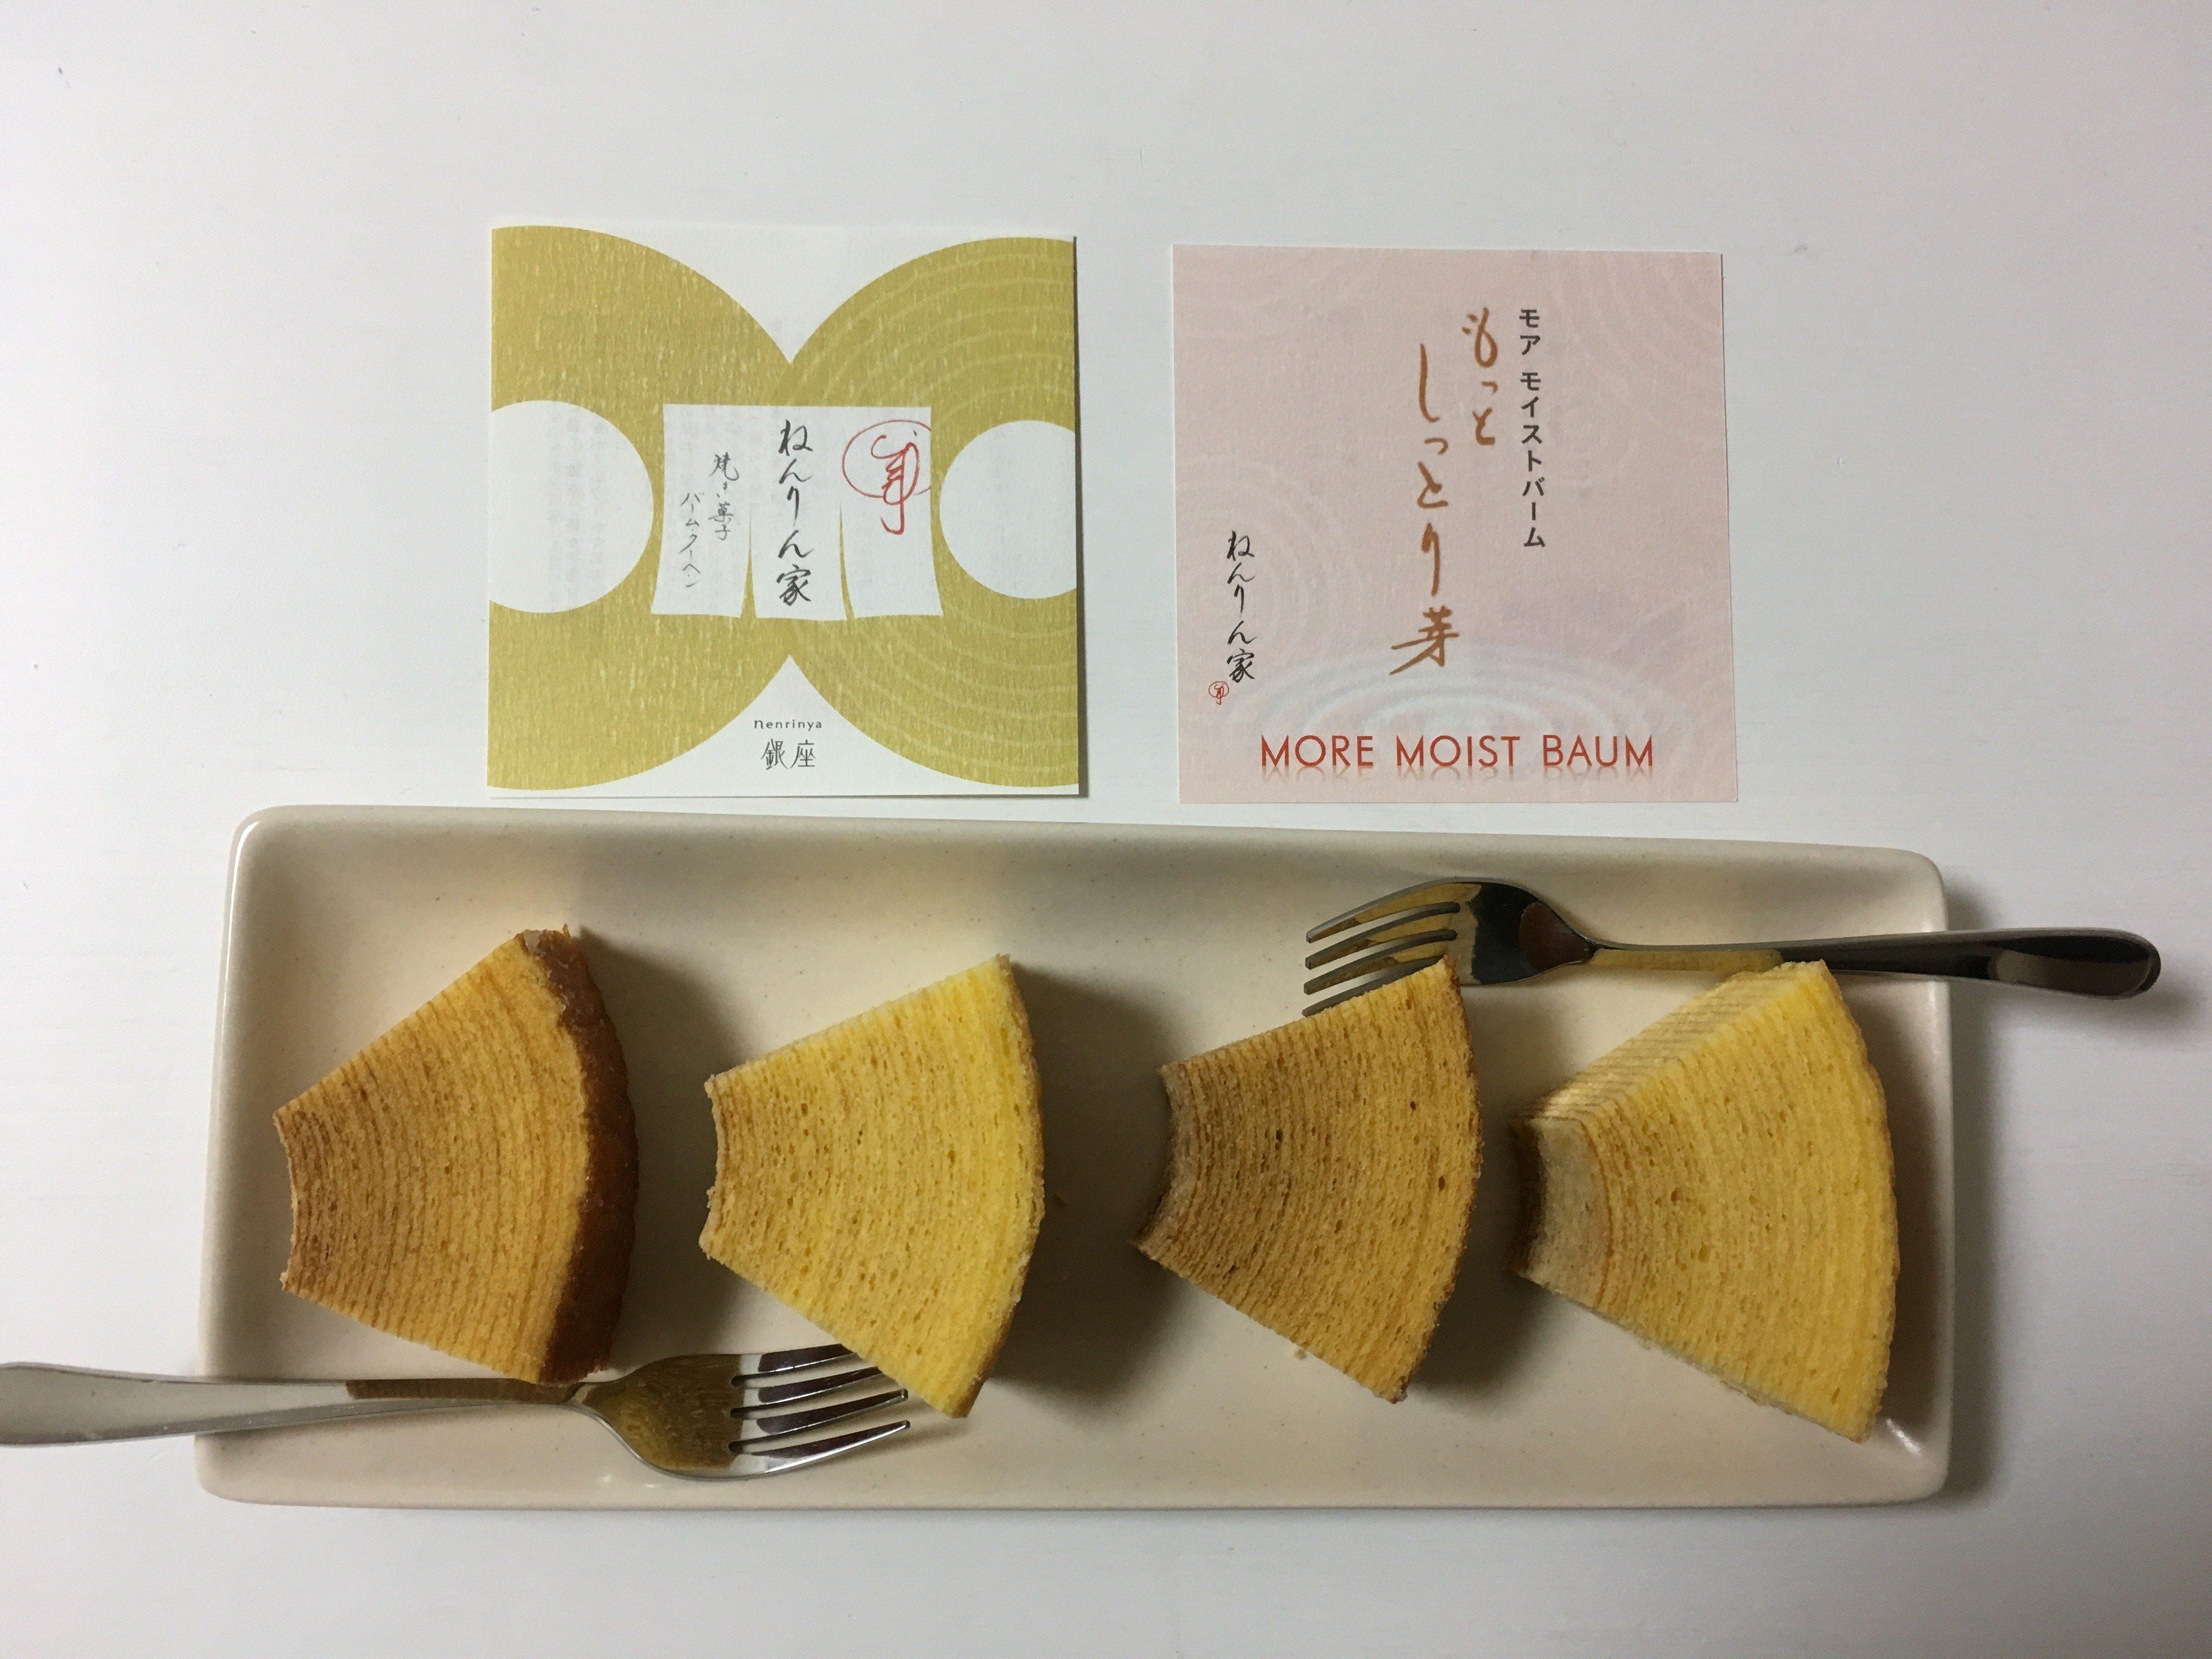 【東京土産】大丸で買える人気土産の限定商品!ねんりん家のバームクーヘン